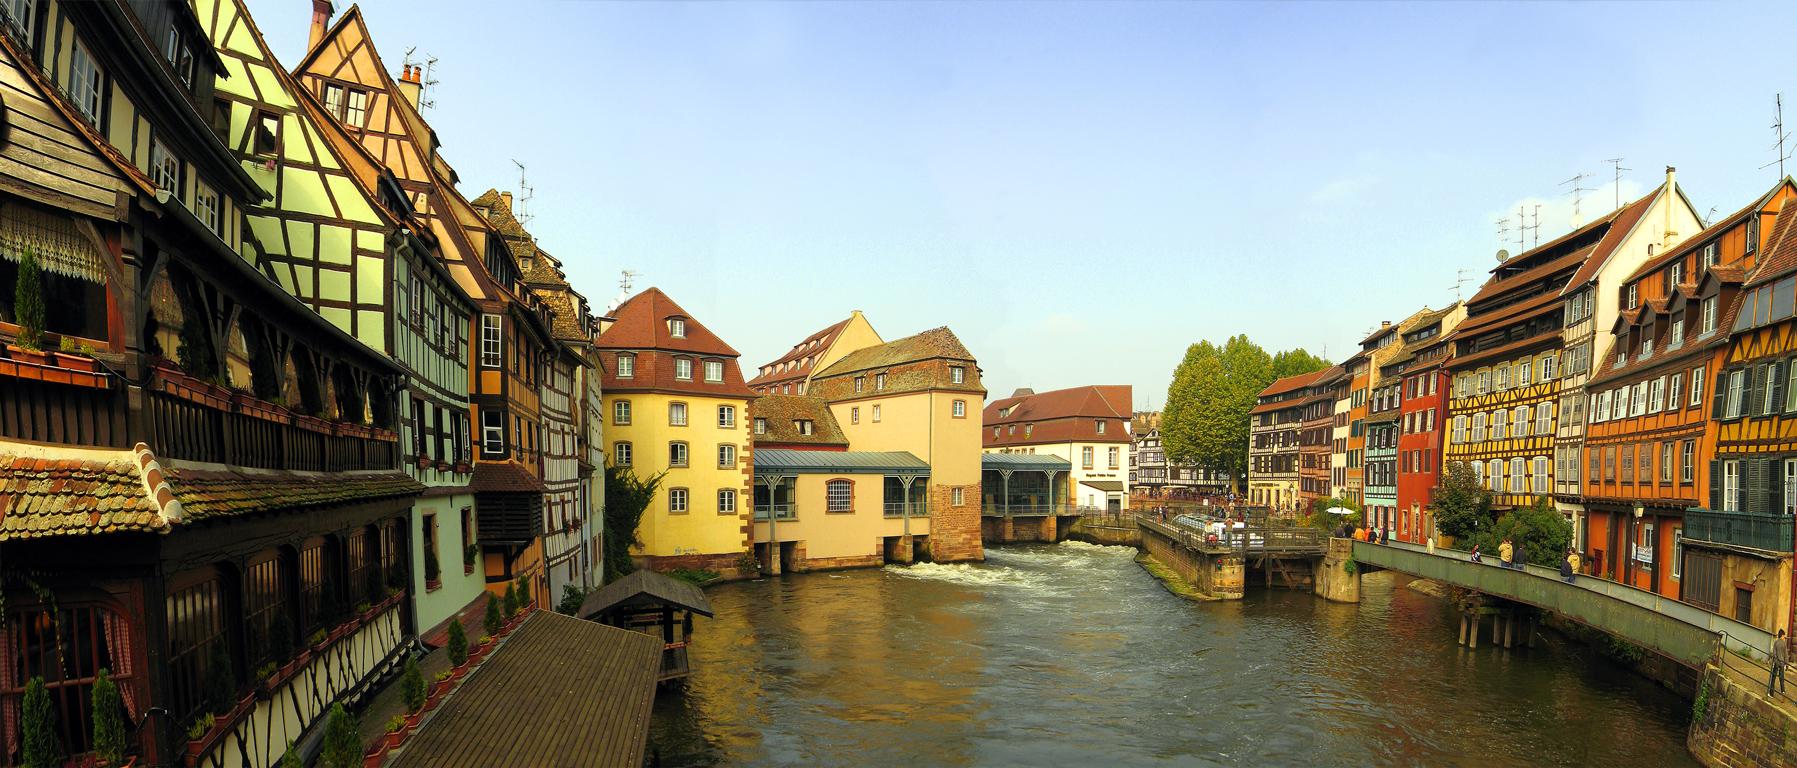 Best Hotel In Strasbourg France